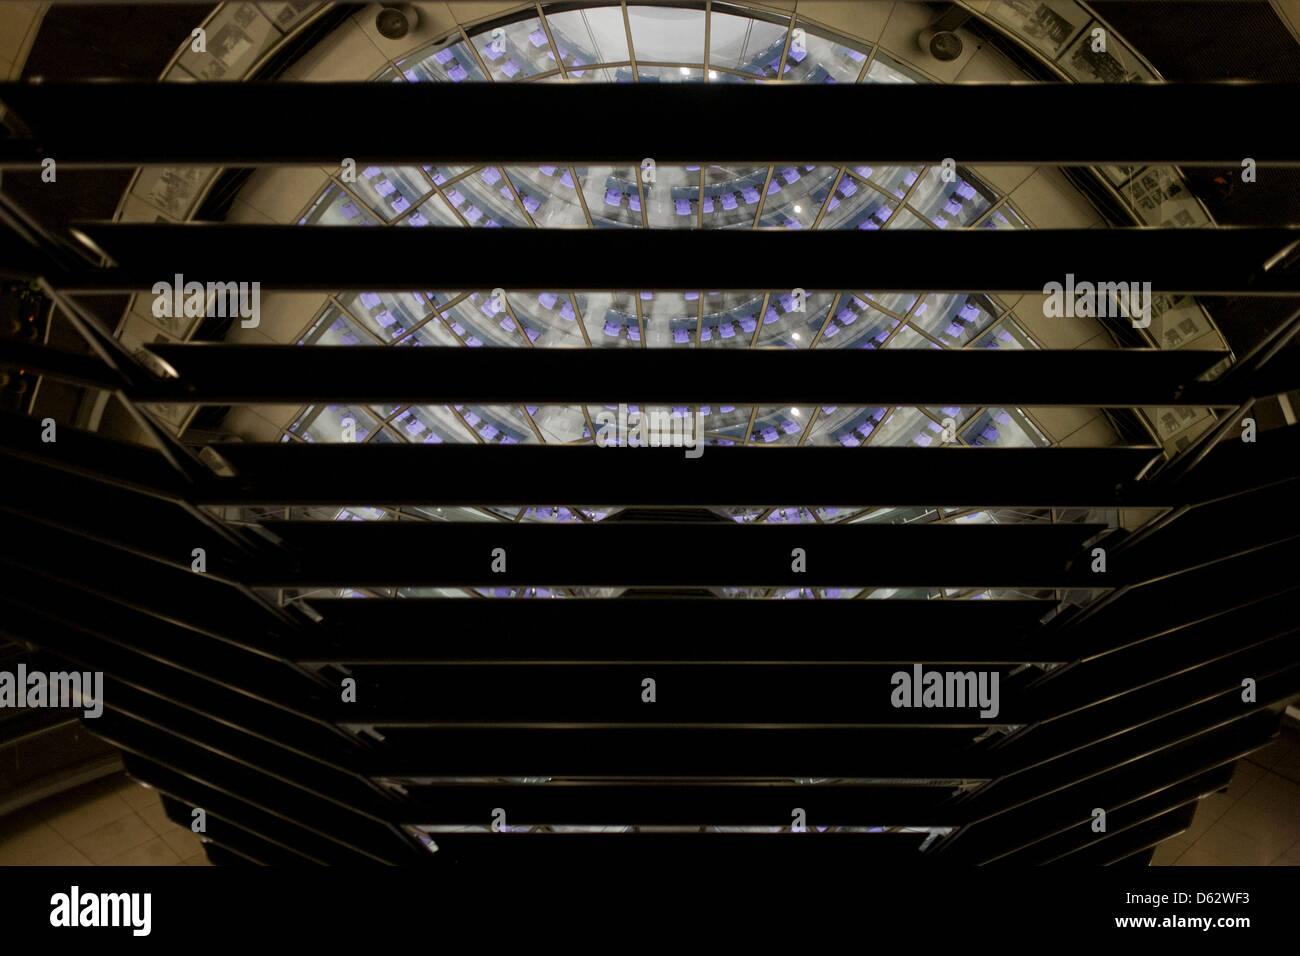 19 Tons Stockfotos & 19 Tons Bilder - Alamy